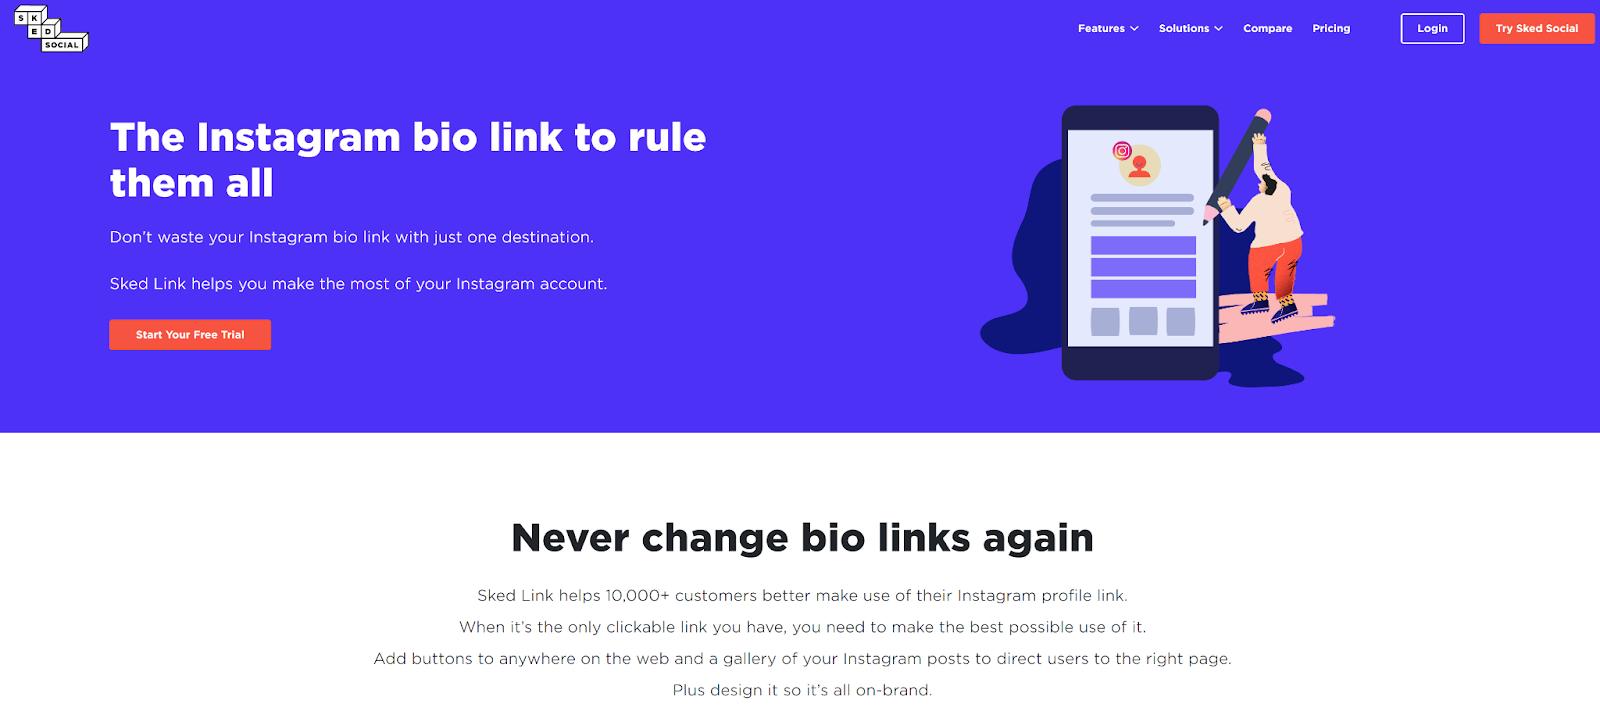 Sked Link website